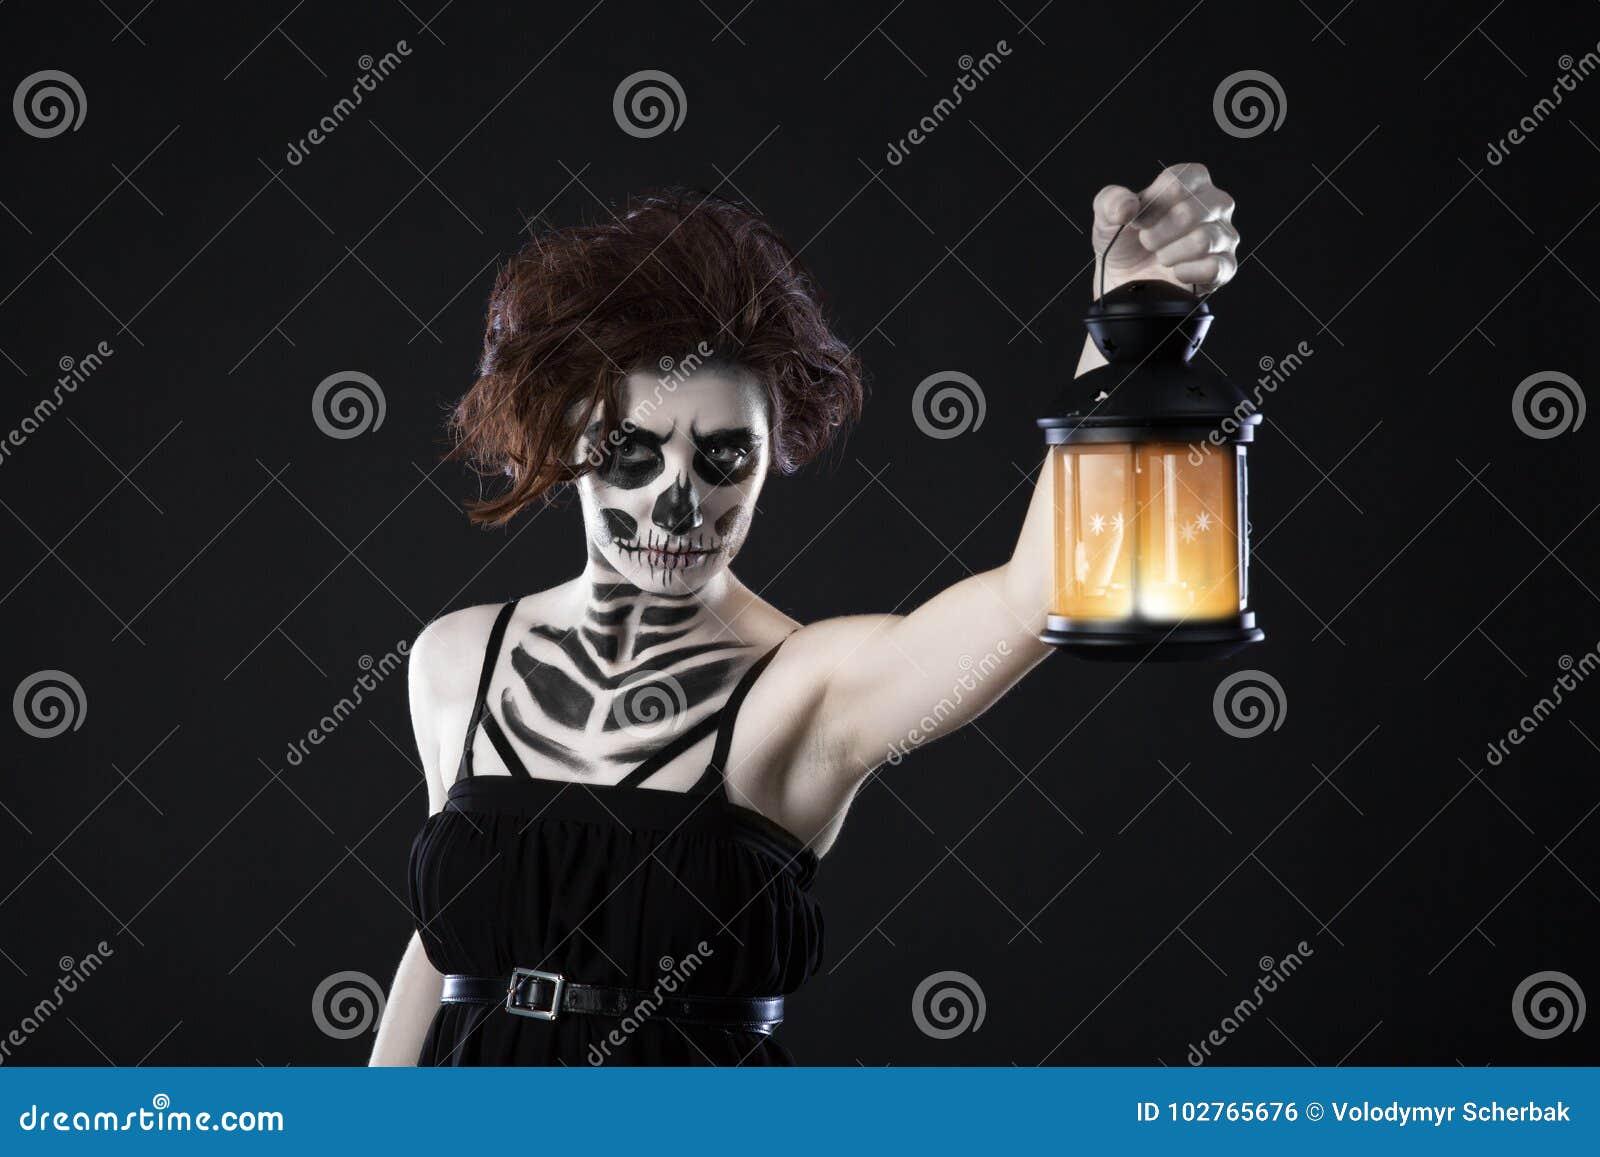 Straszna kobieta z lampionem nad czarnym tłem - Straszny wizerunek straszna kobieta z ciemnymi oczami i pojawieniem czarownica w